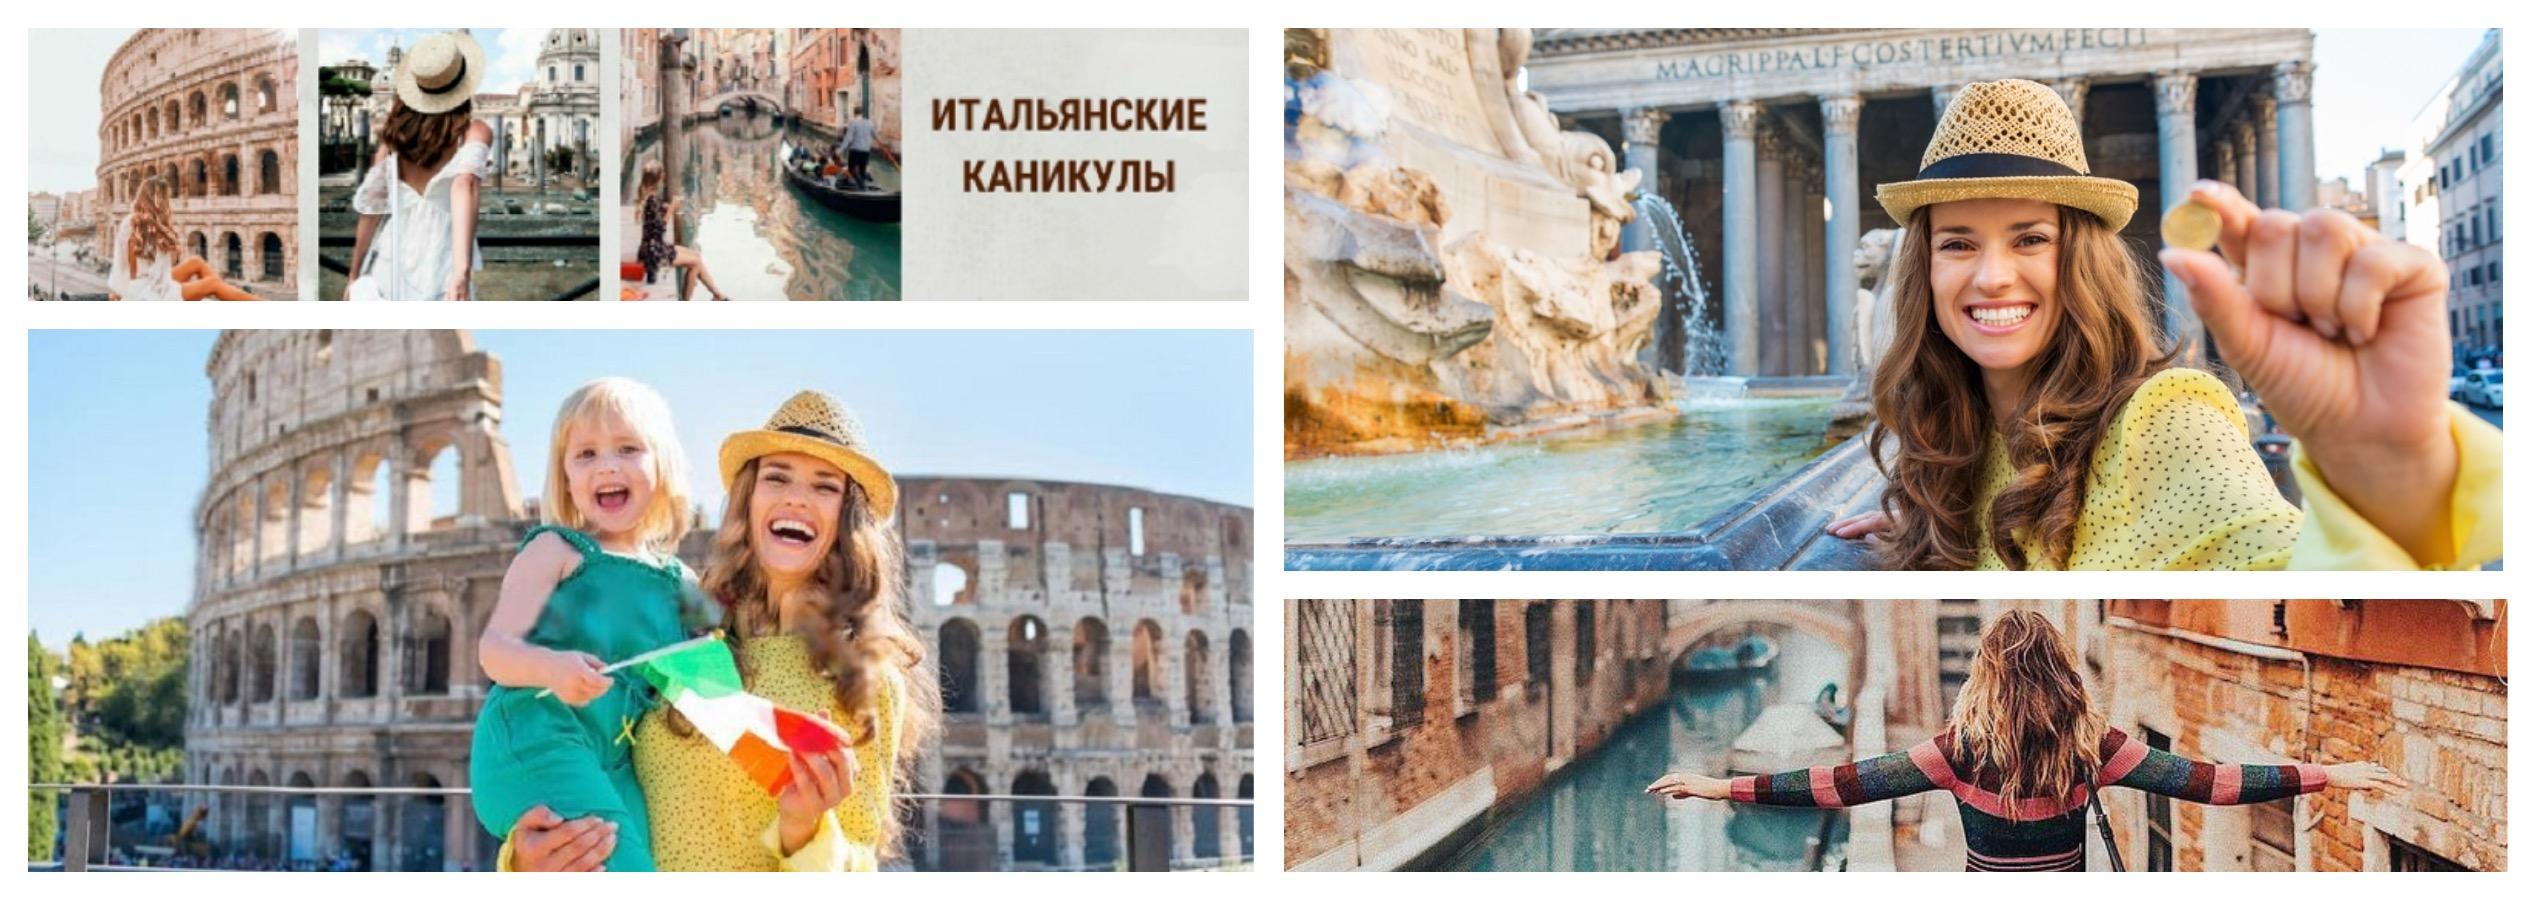 Авиатур в Италию: Рим-Венеция...организованная группа из Покровска